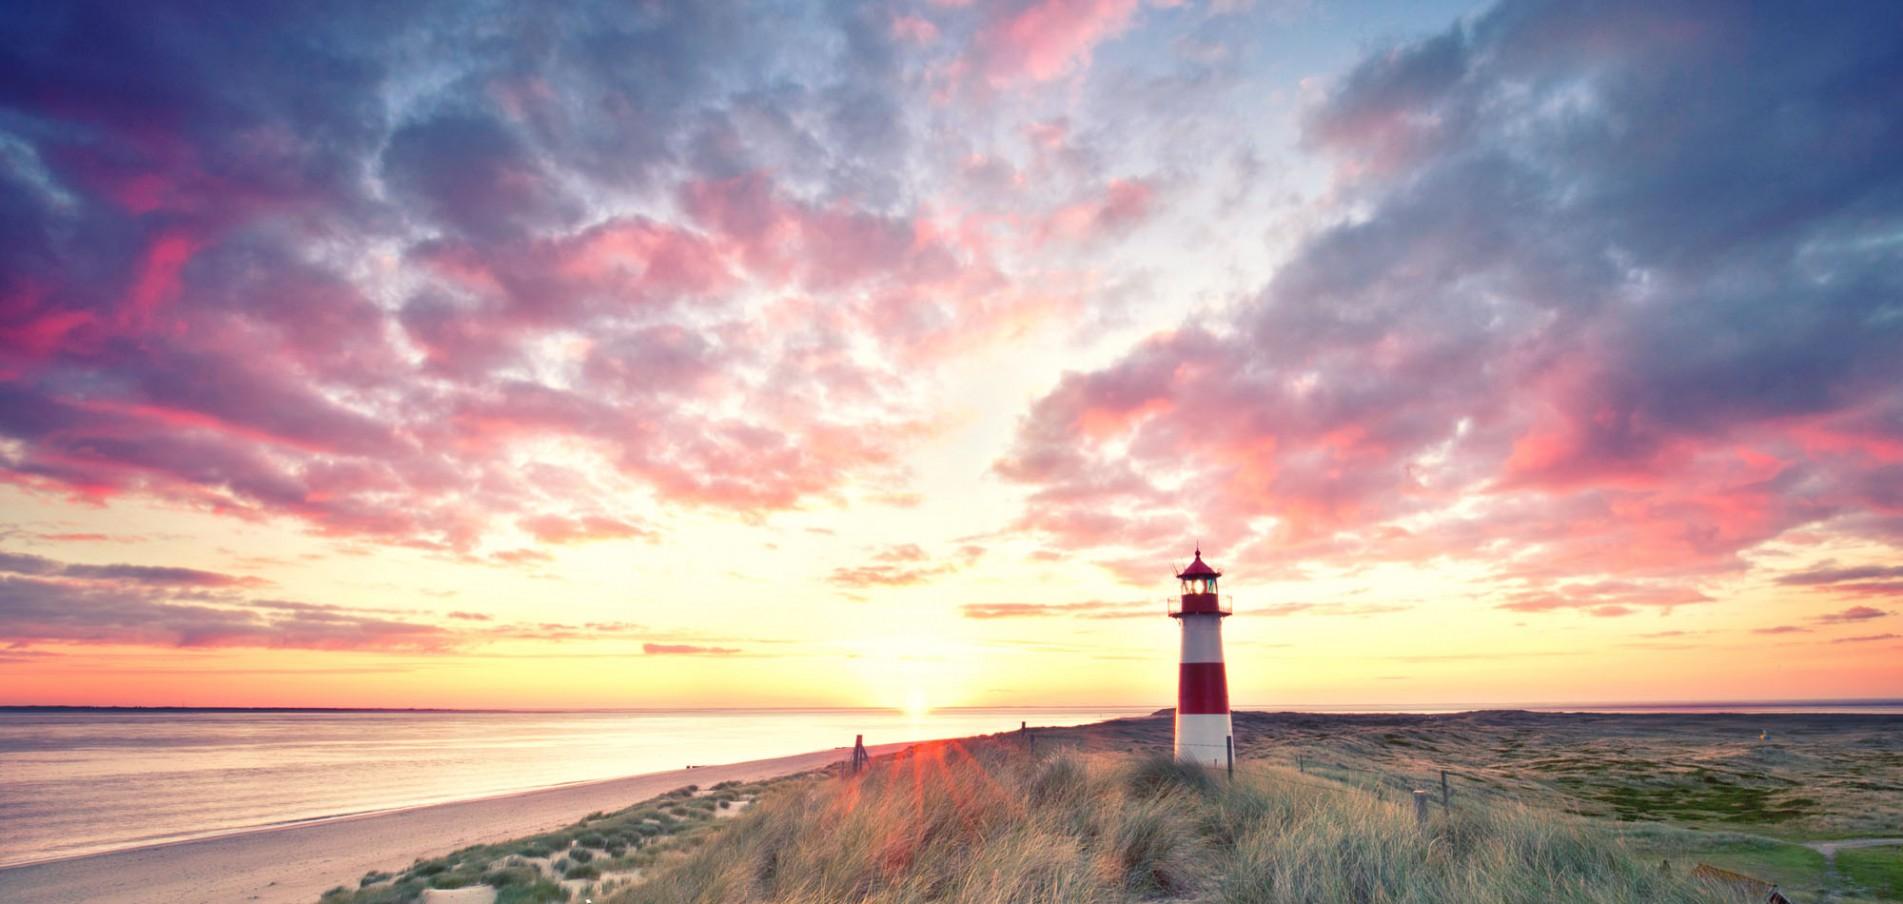 Willkommen auf Sylt ... der schönsten Insel Deutschlands!